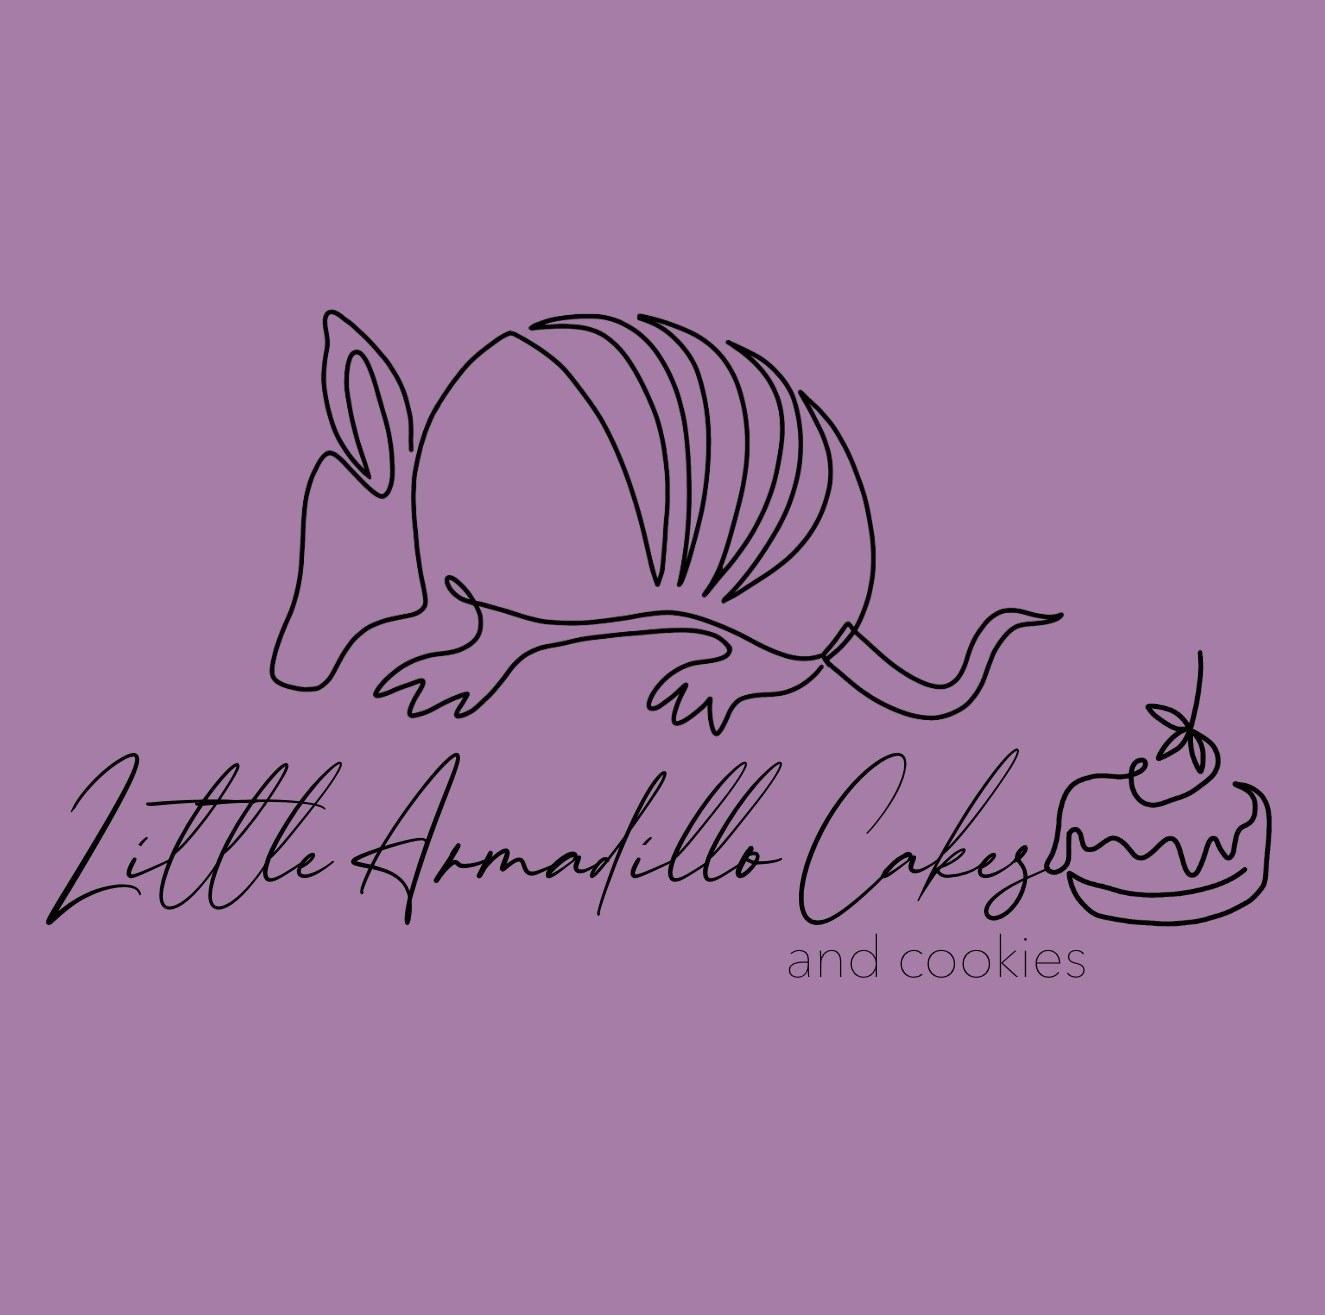 Little Armadillo Cakes